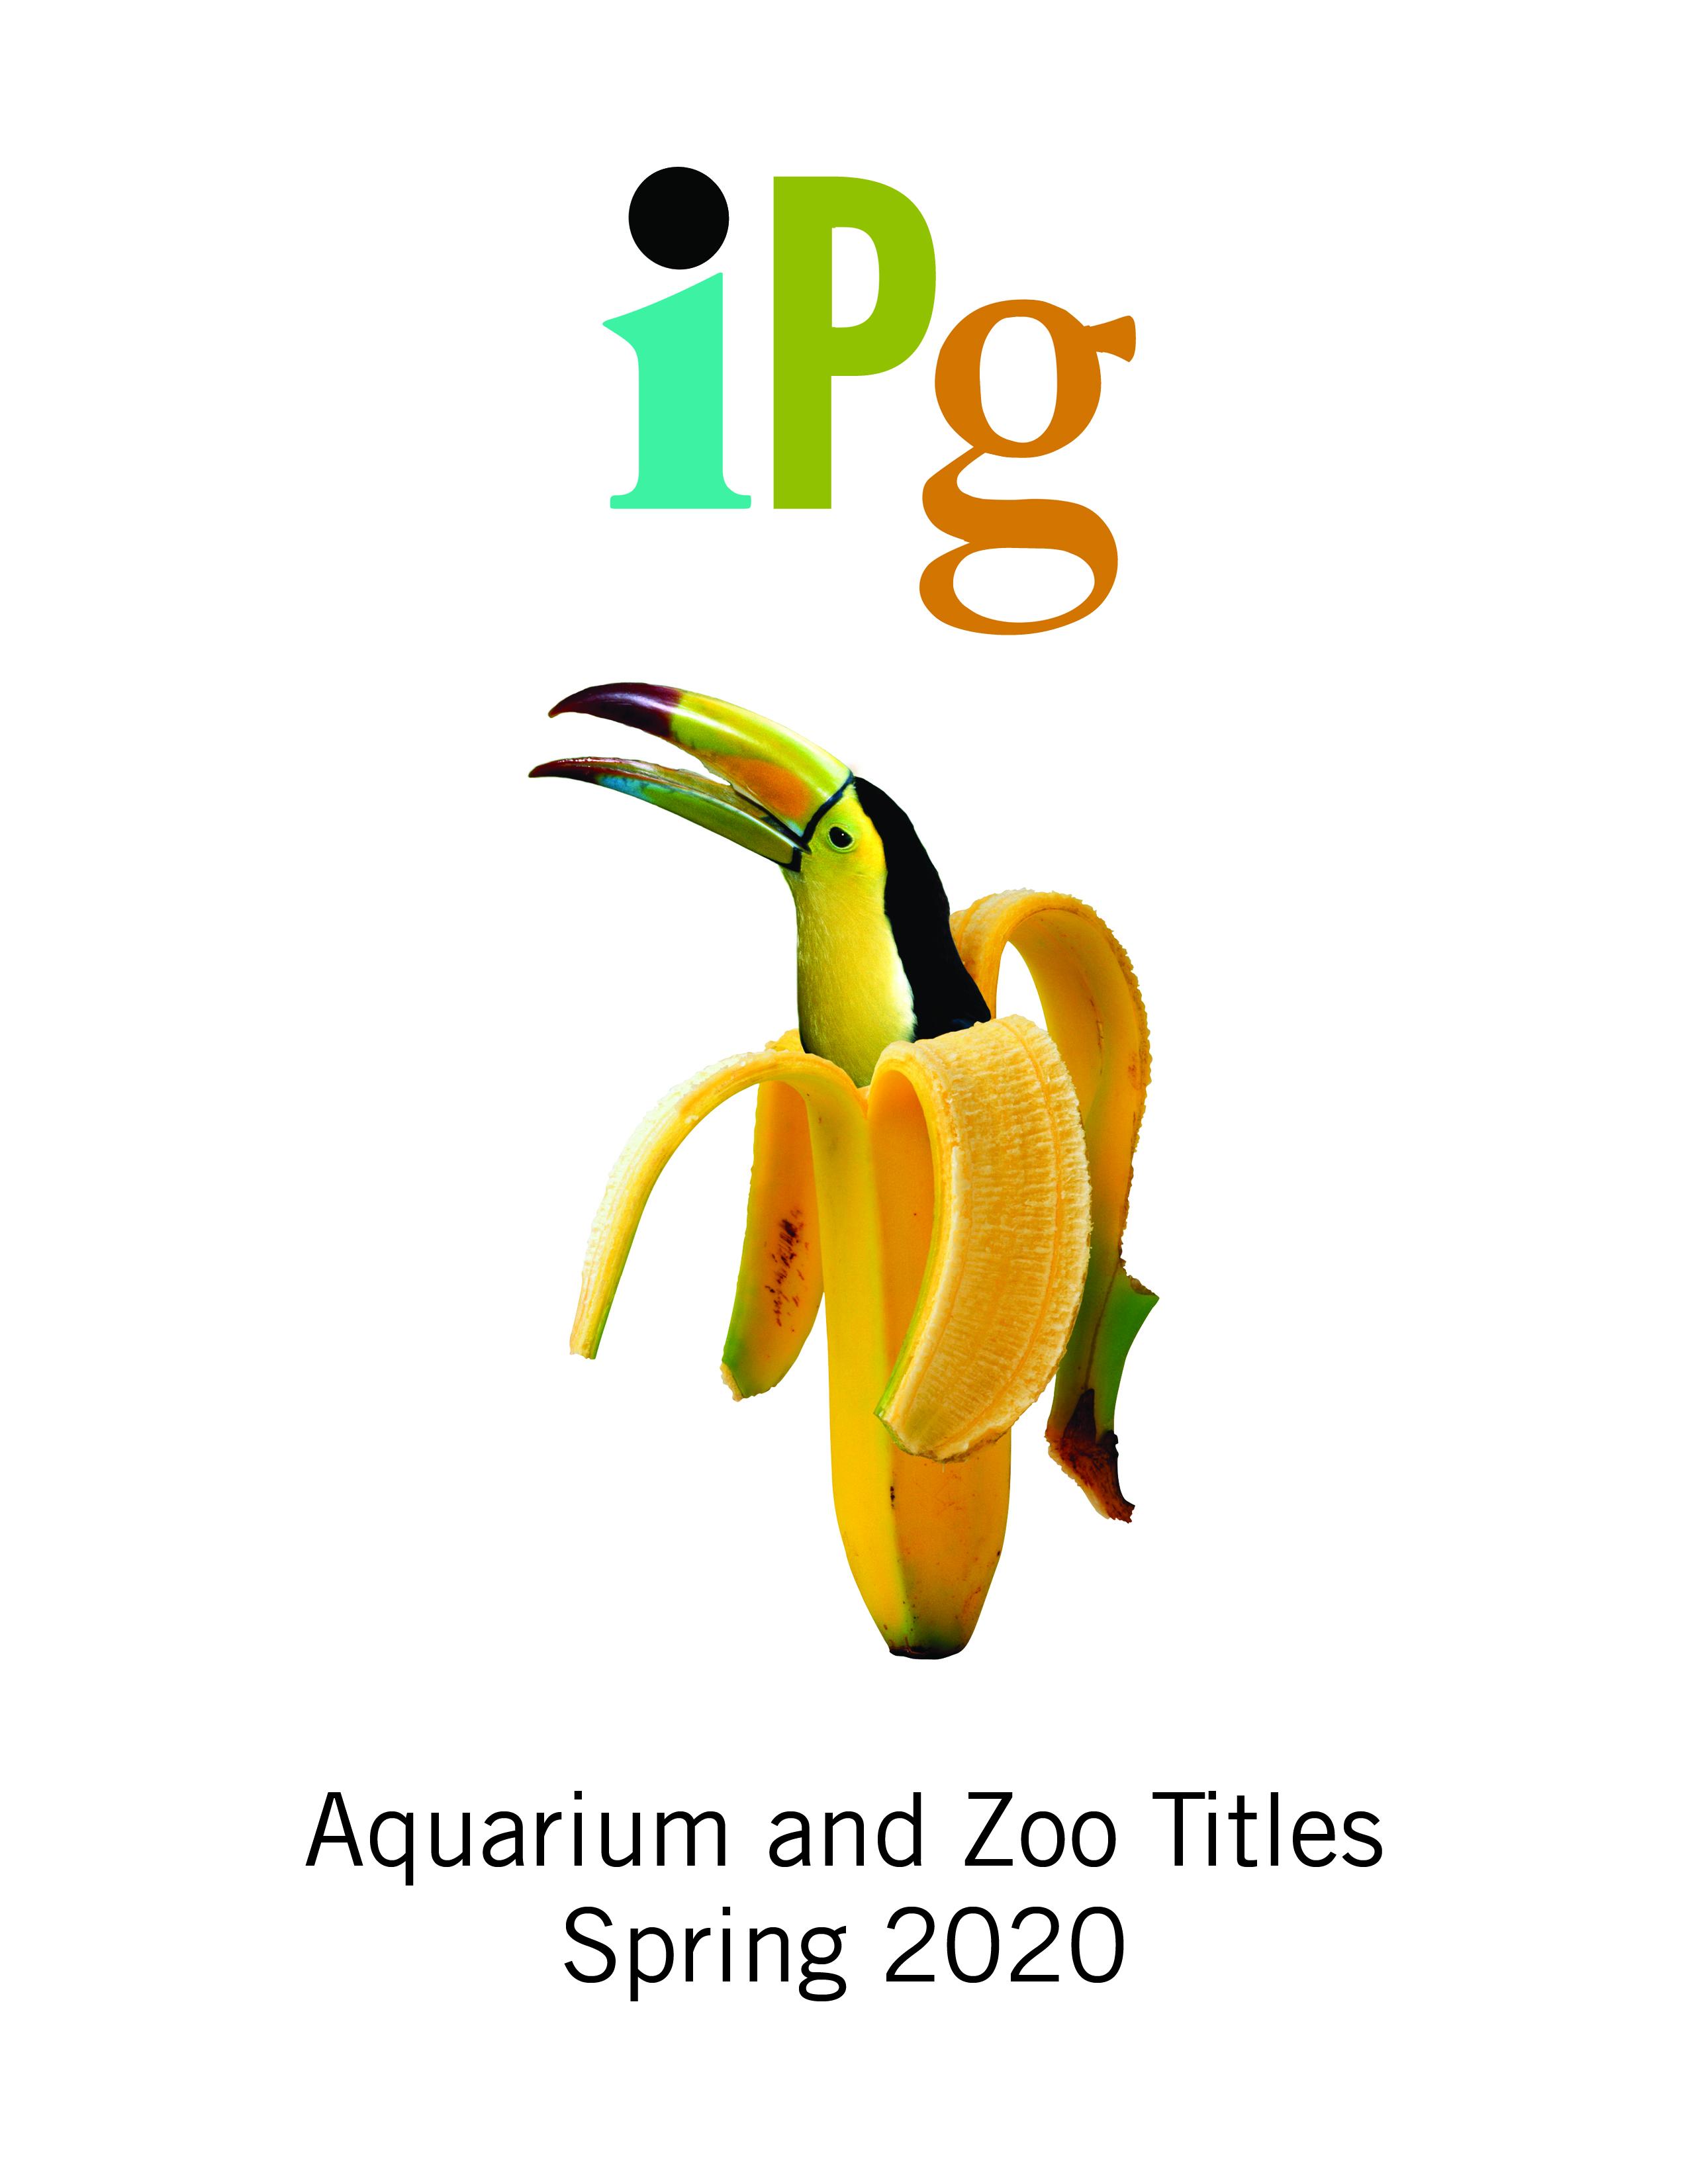 Aquarium and Zoo